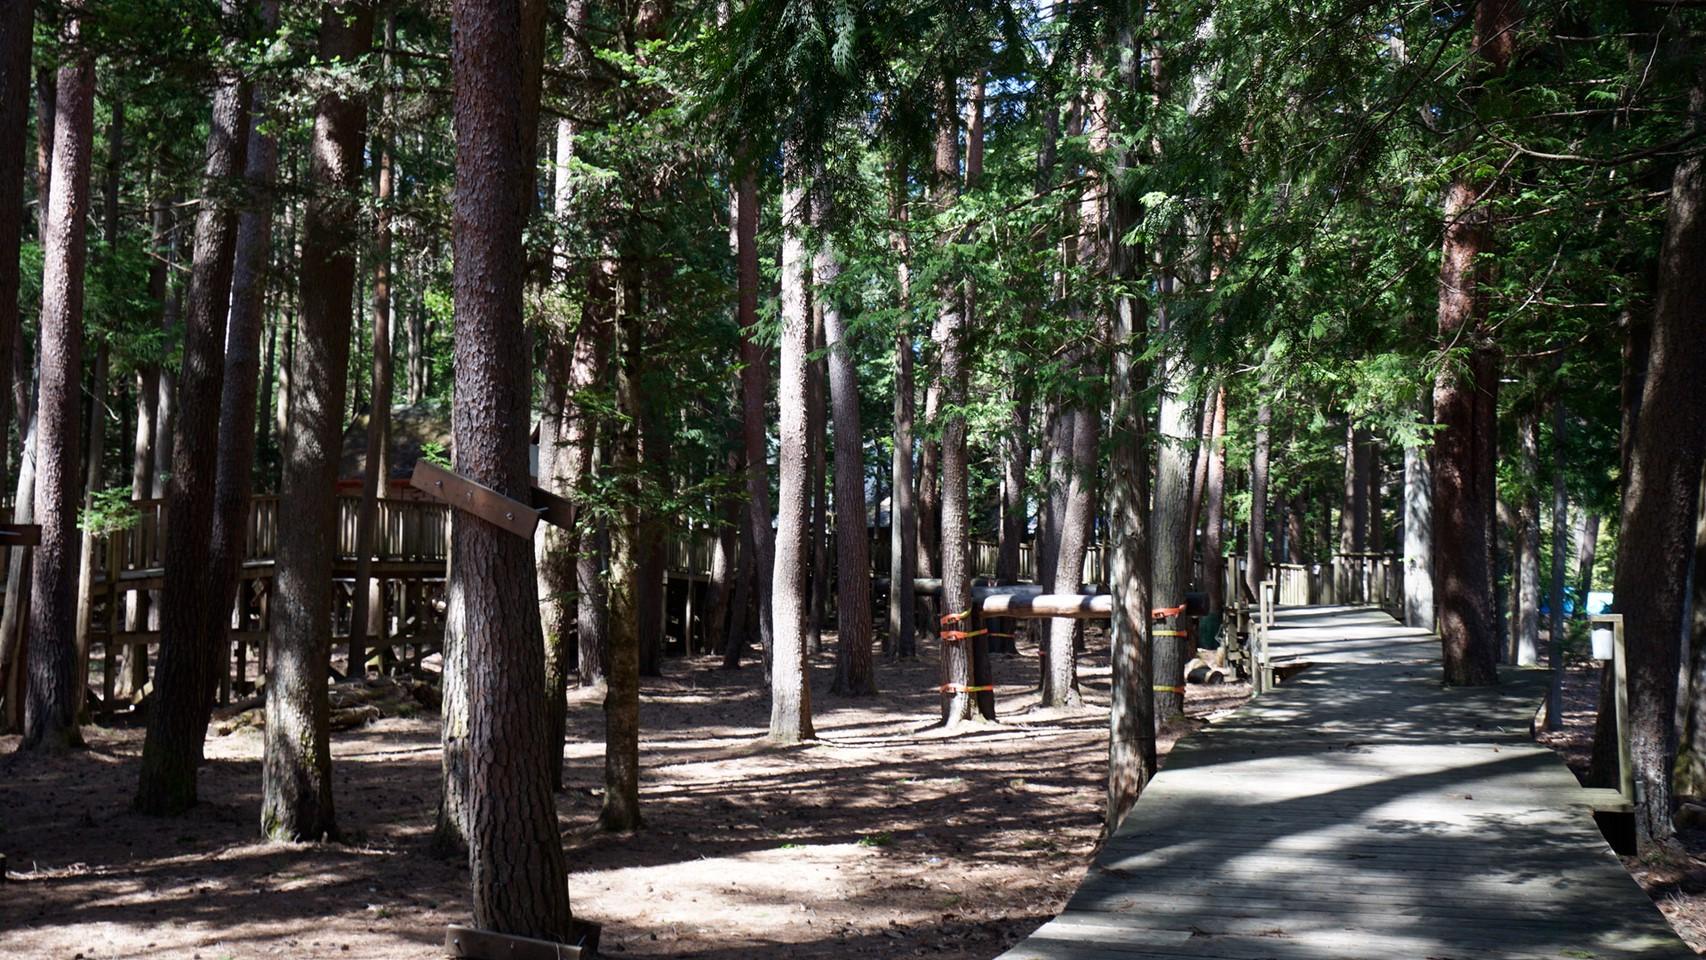 【自然豊か|富士河口湖町】『清水国明の森と湖の楽園』攻略ガイド(駐車場・トイレ)